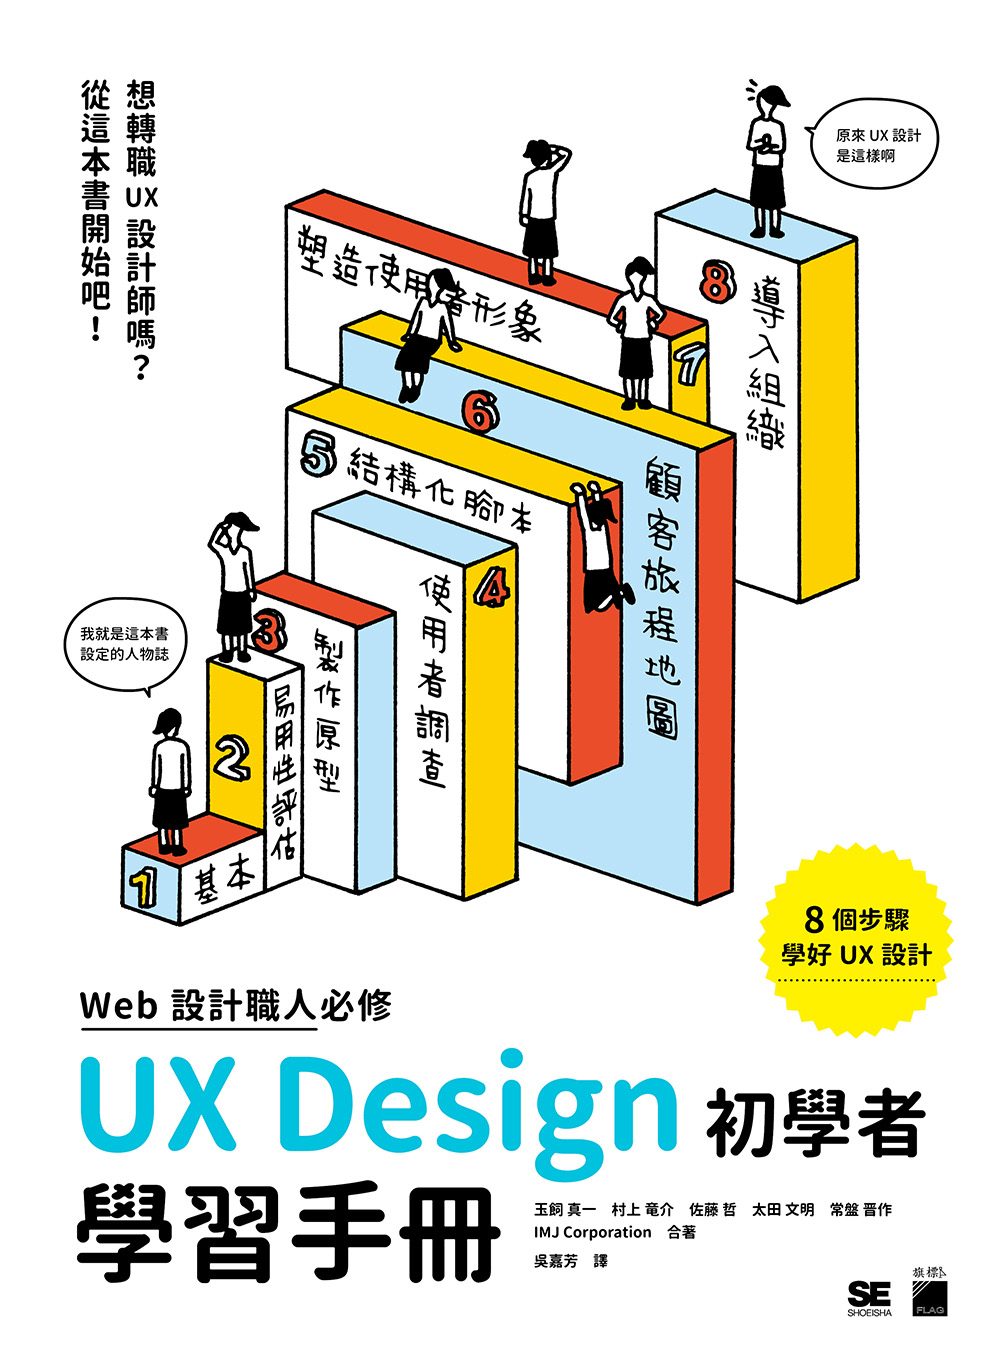 天瓏網路書店-WEB 設計職人必修 UX Design 初學者學習手冊